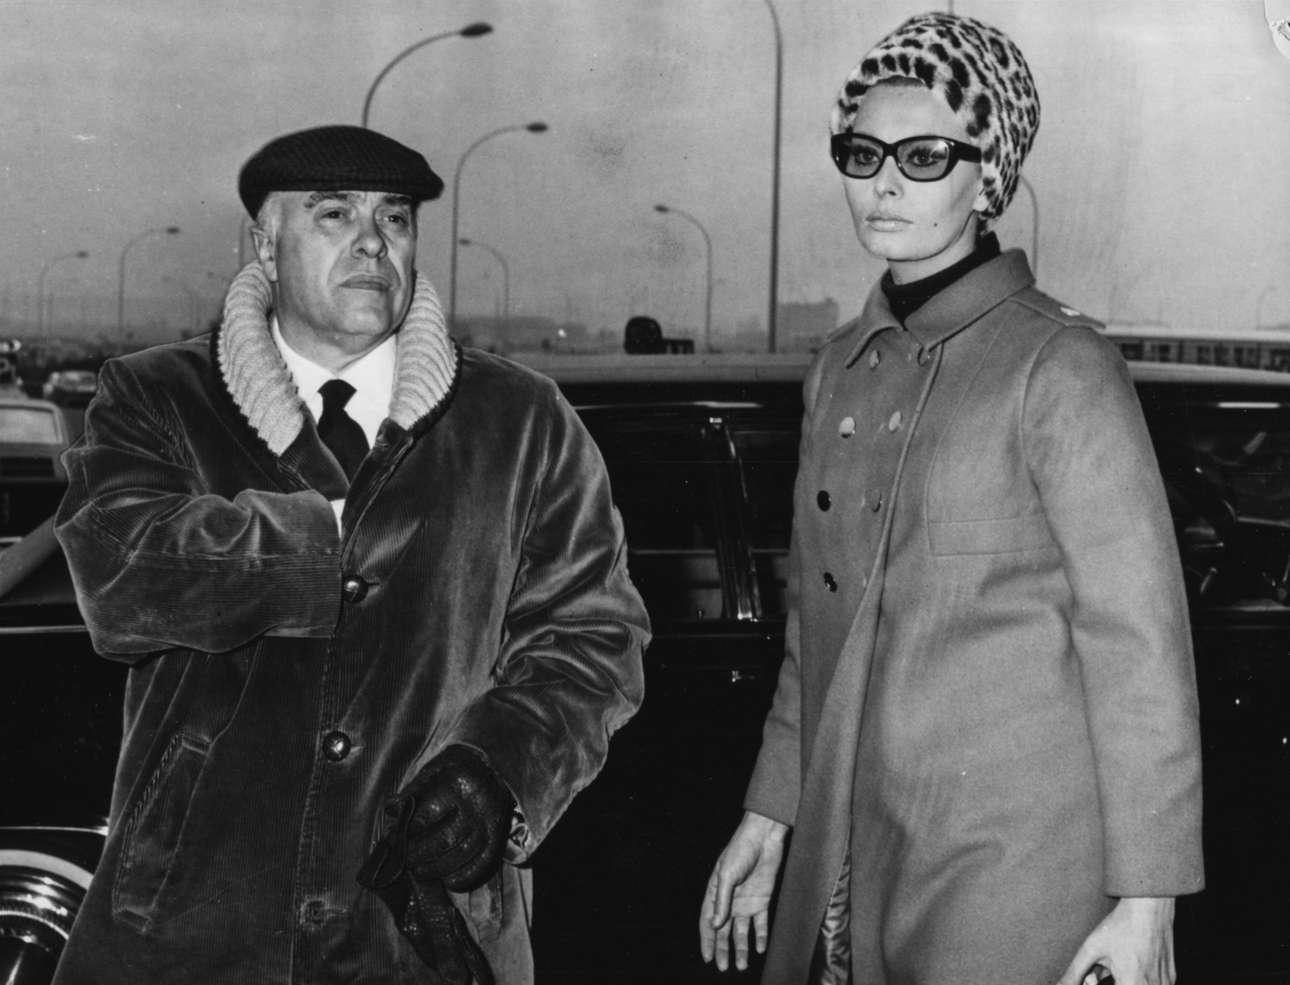 Πάντως αυτός που την είχε στο κρεβάτι του ήταν ο Κάρλο Πόντι. Εδώ τo 1967 στο Φιουμιντσίνο της Ρώμης, η Λόρεν με τον Πόντι, στη δεύτερη περίοδο του γάμου τους